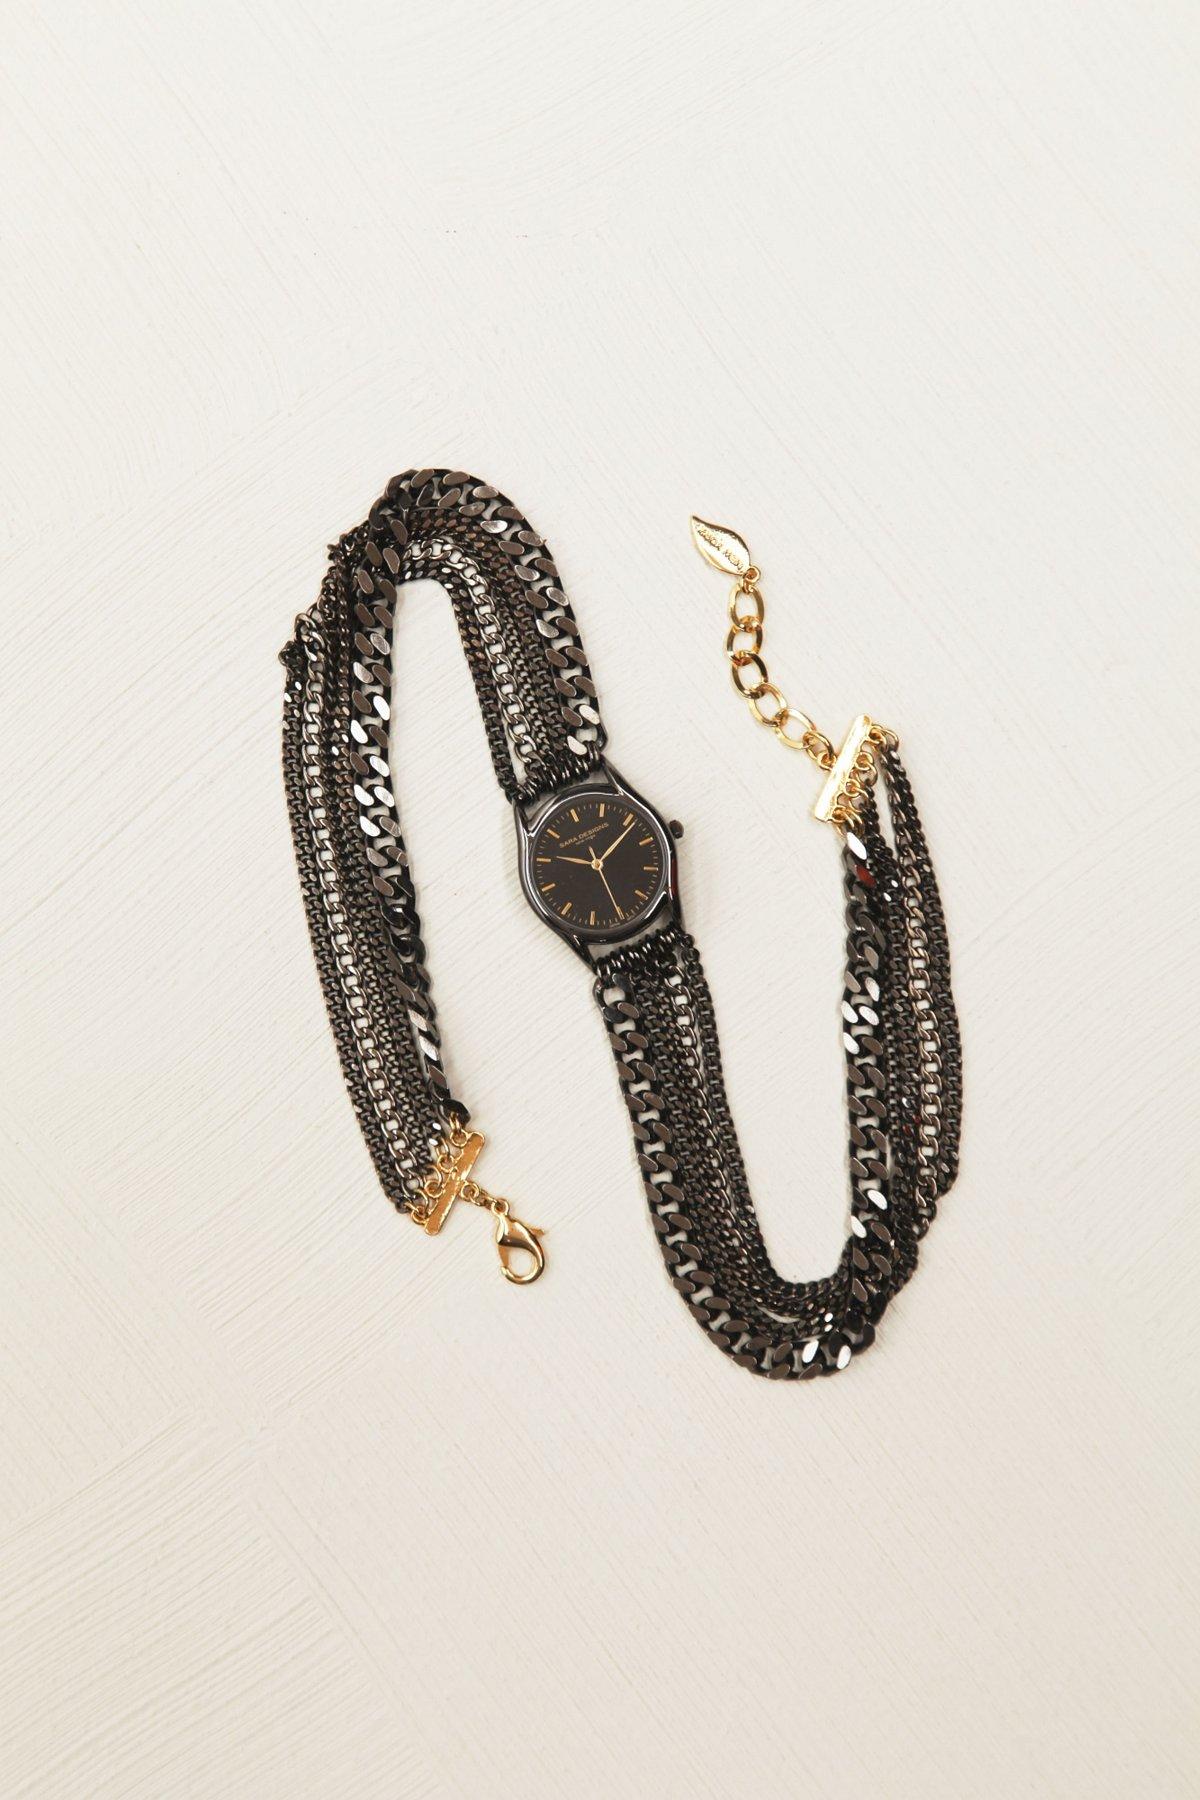 Tarnished Chain Watch